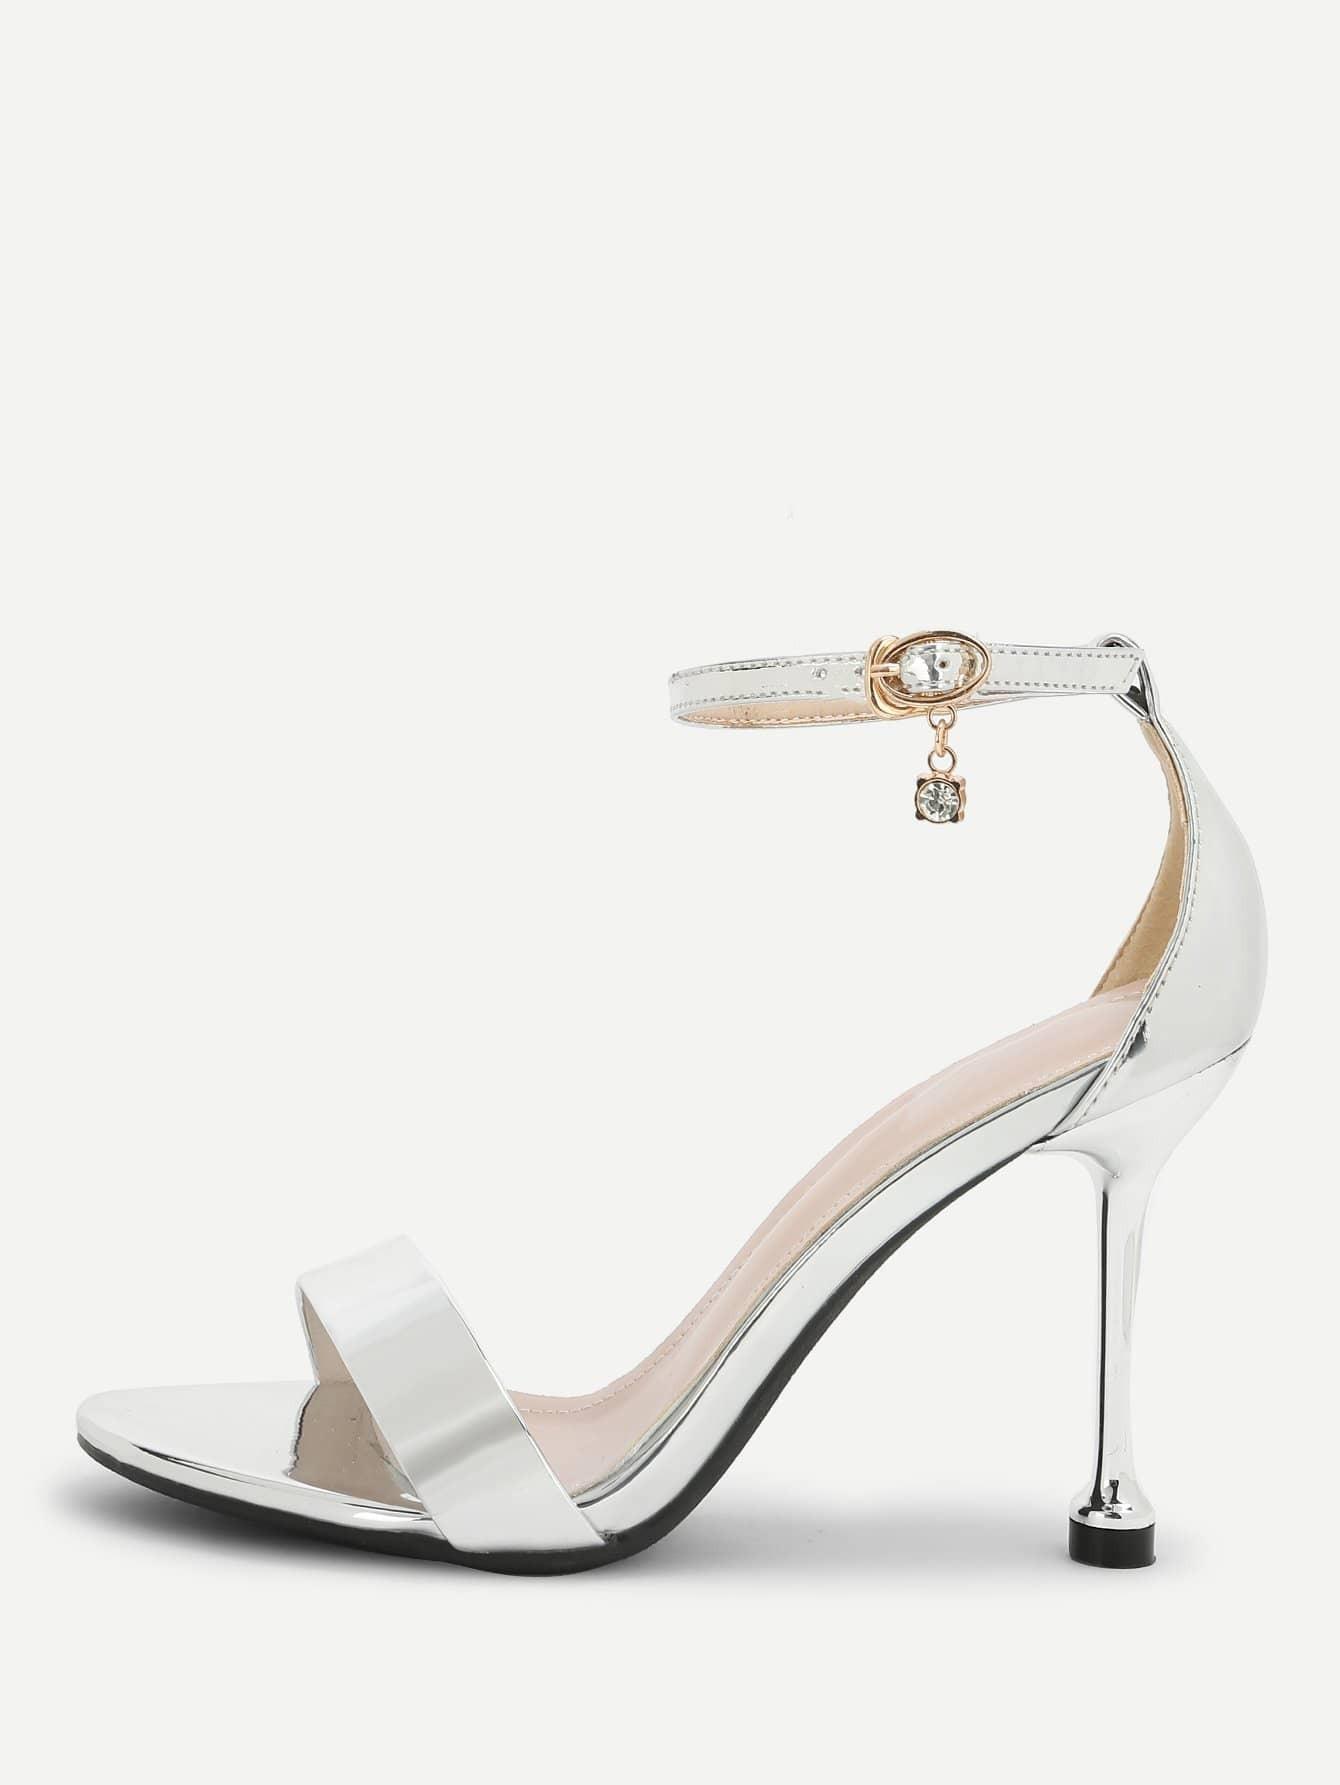 Peep Toe Ankle Strap PU Heels mix color causal wedge high heels women sandals platform ladies shoes open toe ankle strap womens heels size 11 women heels